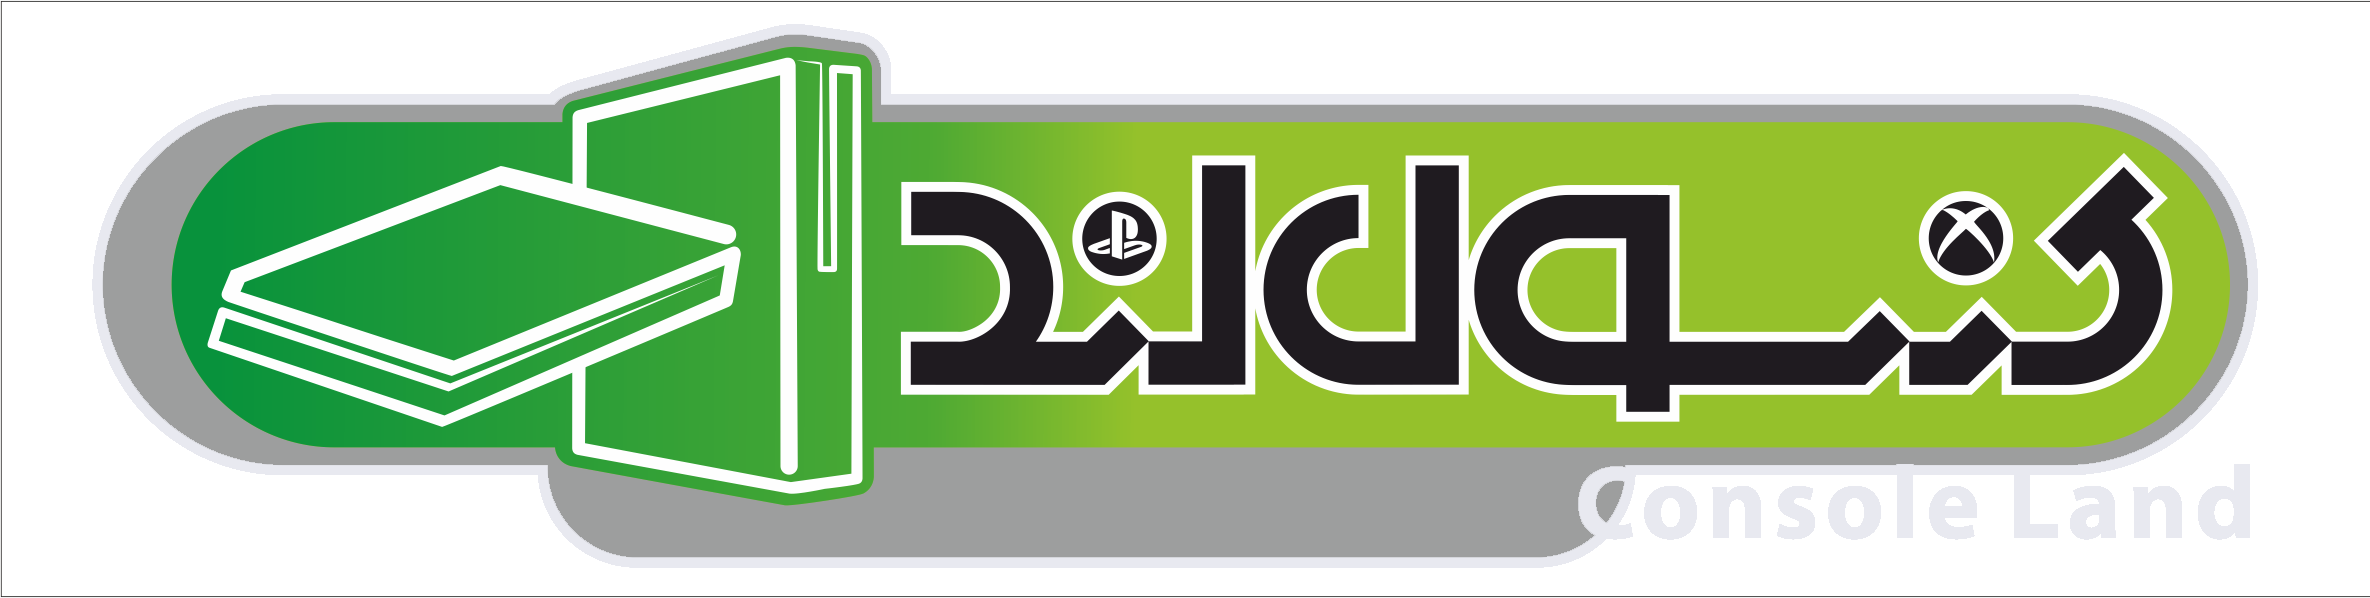 خرید و فروش پلی استیشن PS4 و ایکس باکس Xbox در اصفهان